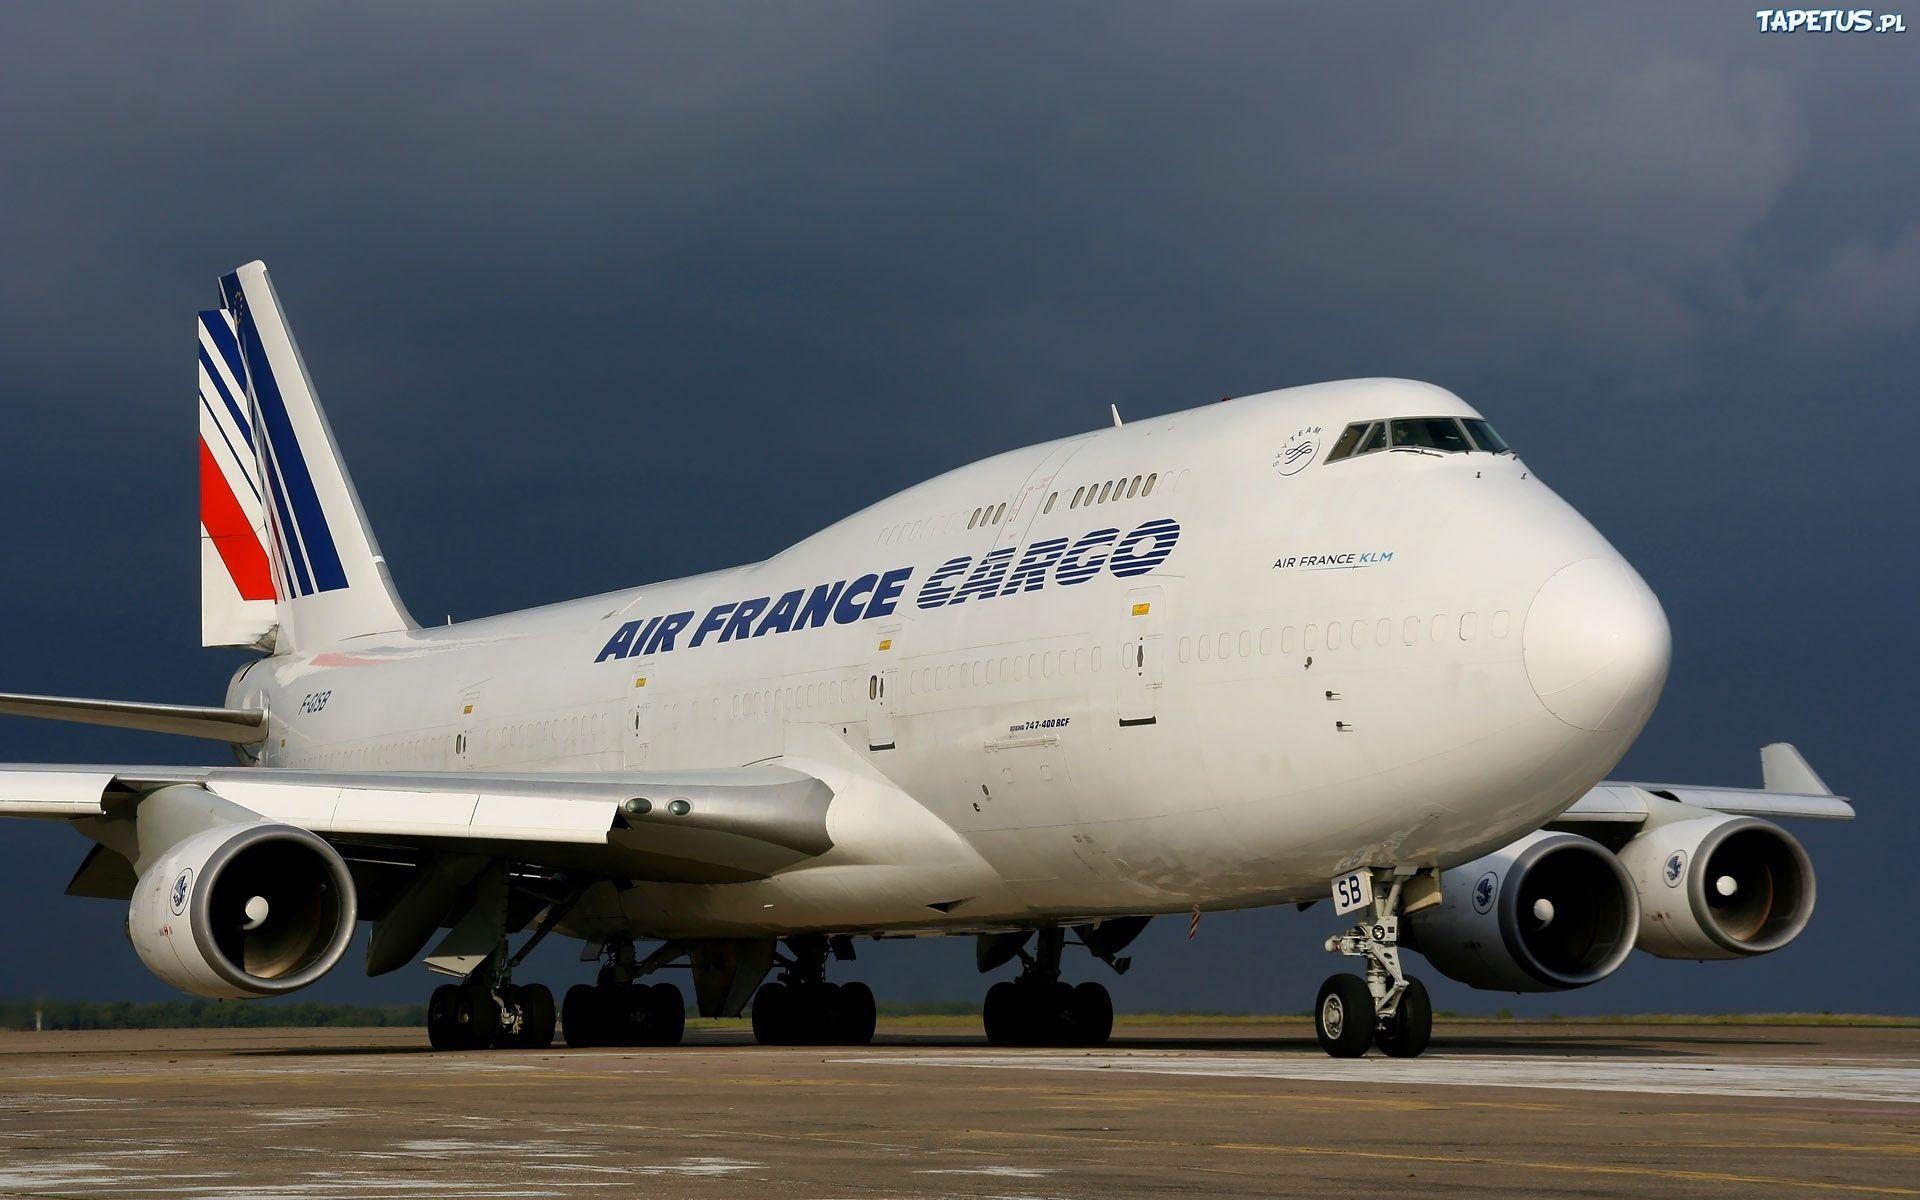 Boeing 747 Airplane | tapeta boeing 747 400 jumbo jet file boeing ...